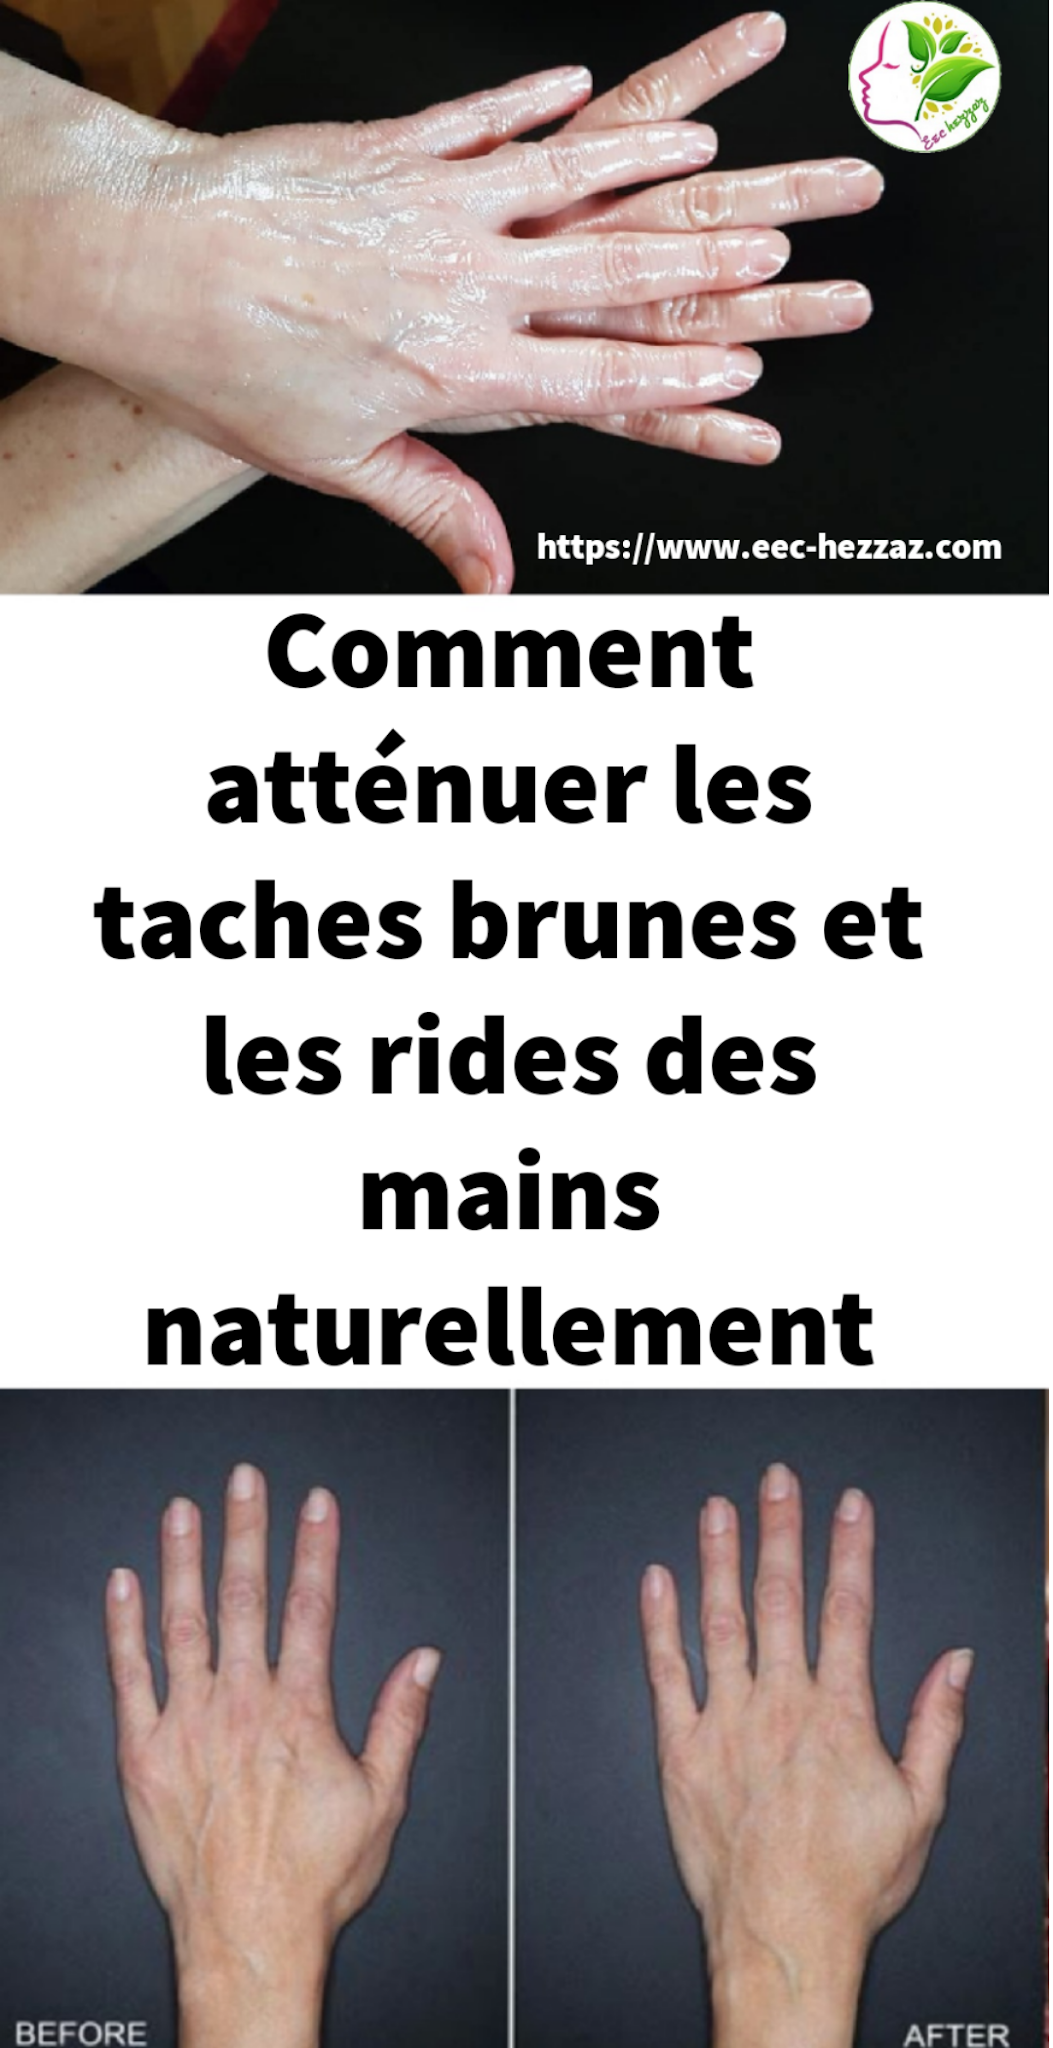 Comment atténuer les taches brunes et les rides des mains naturellement